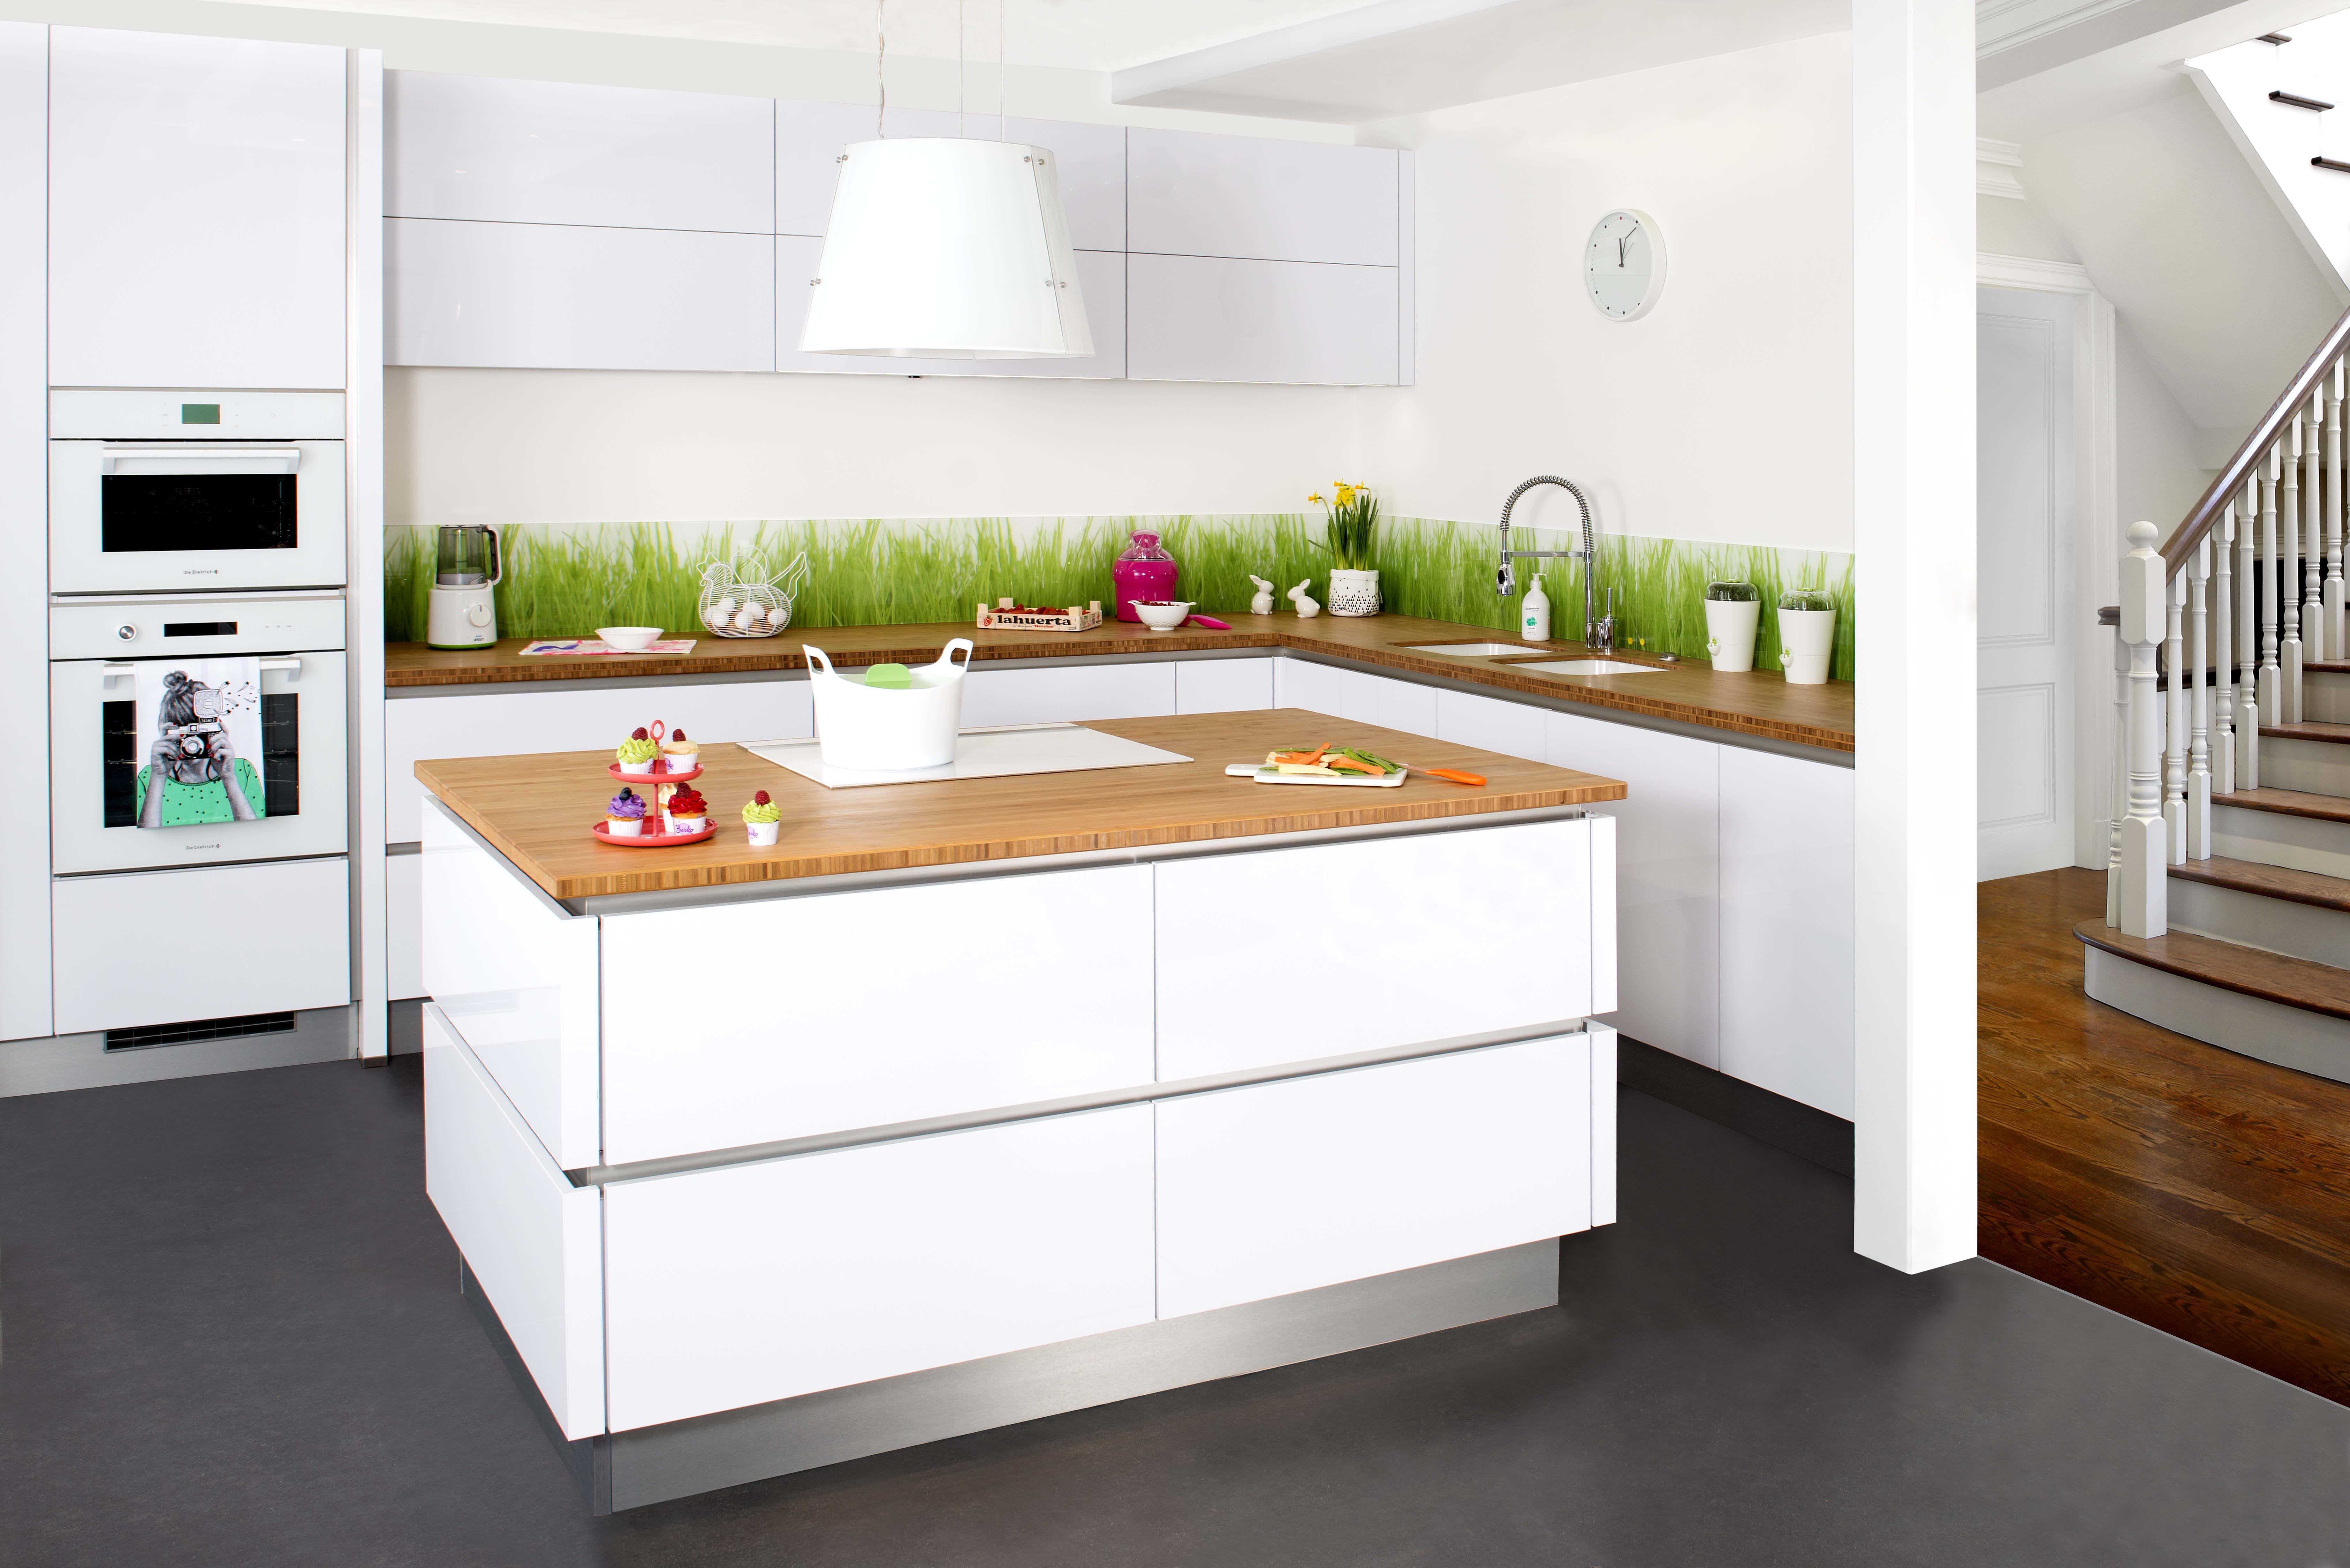 REUILLY - cuisine colorée et personnalisable grâce à la crédence ...